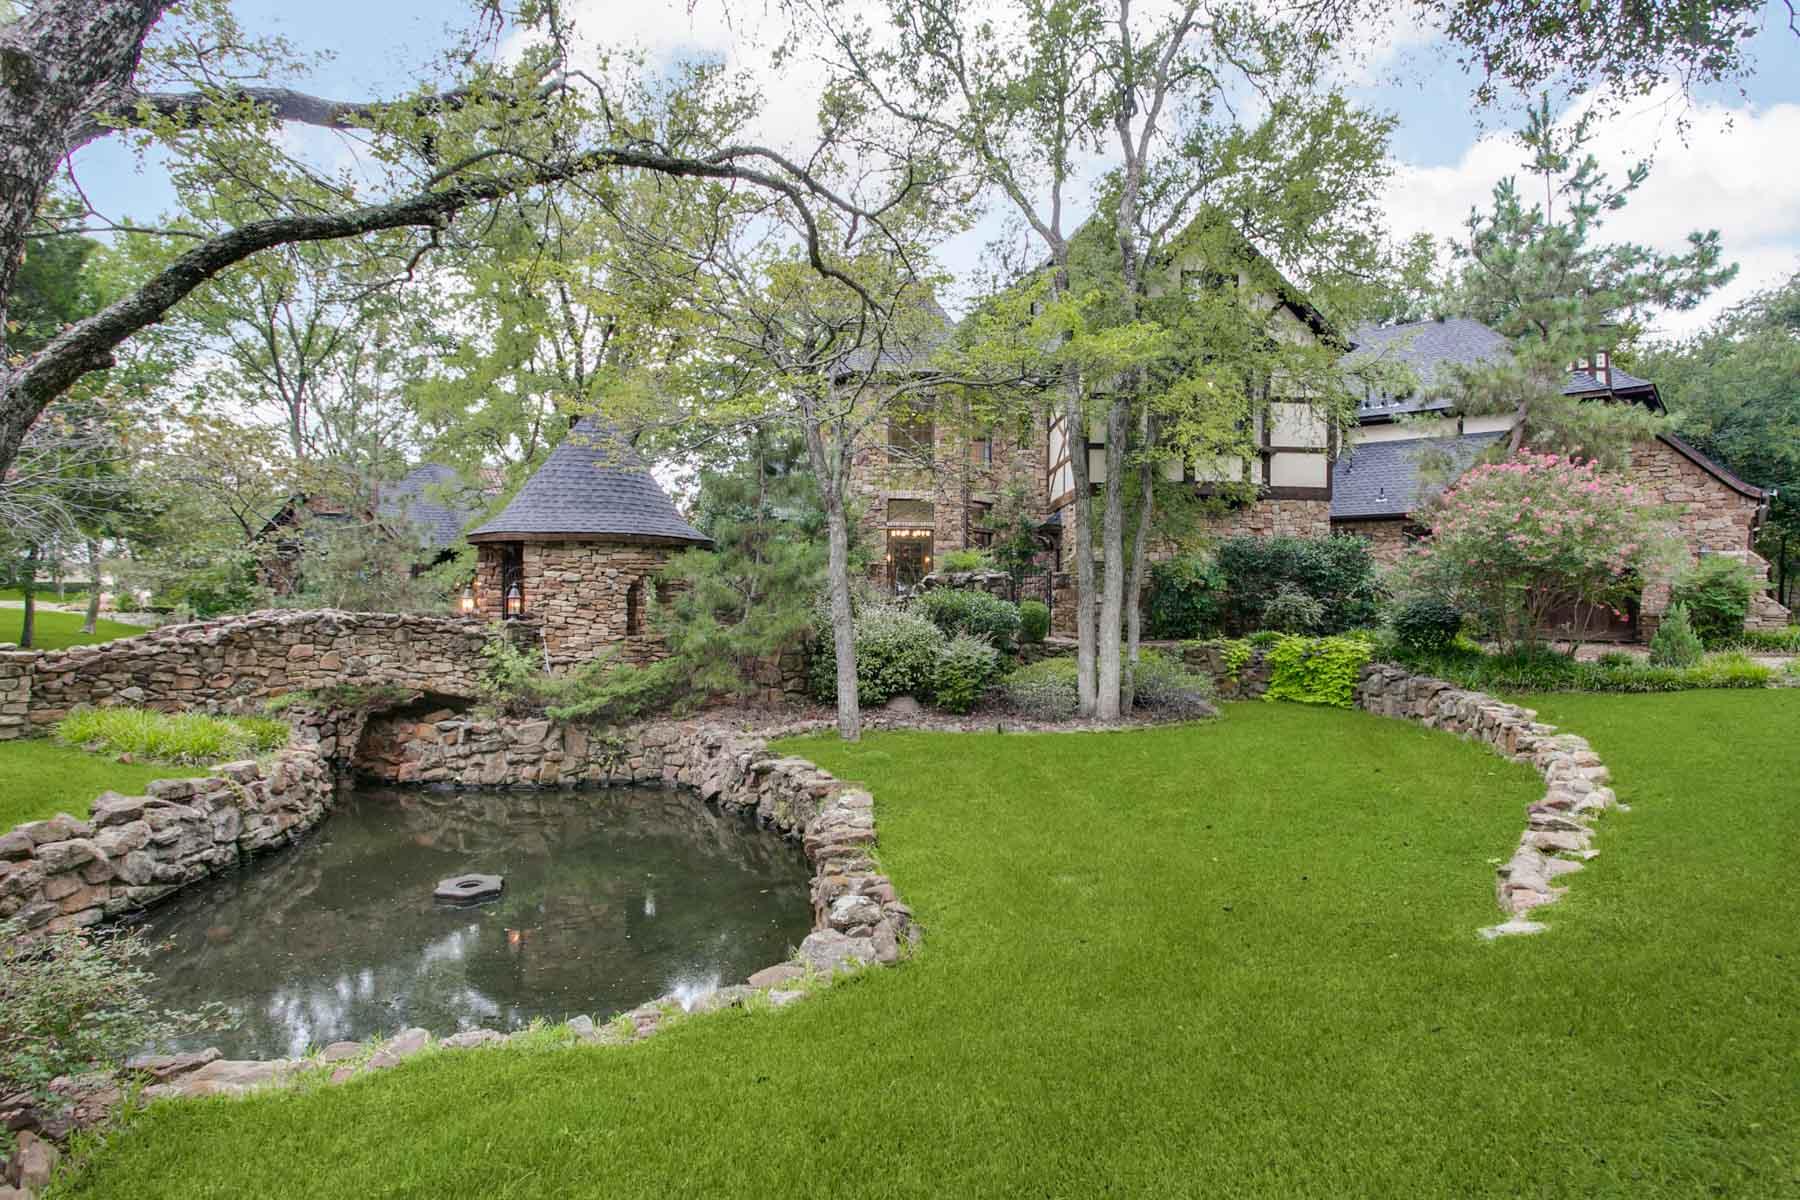 Single Family Home for Sale at Tour 18 Estates Tudor 4605 Tour 18 Dr. Flower Mound, Texas 75022 United States